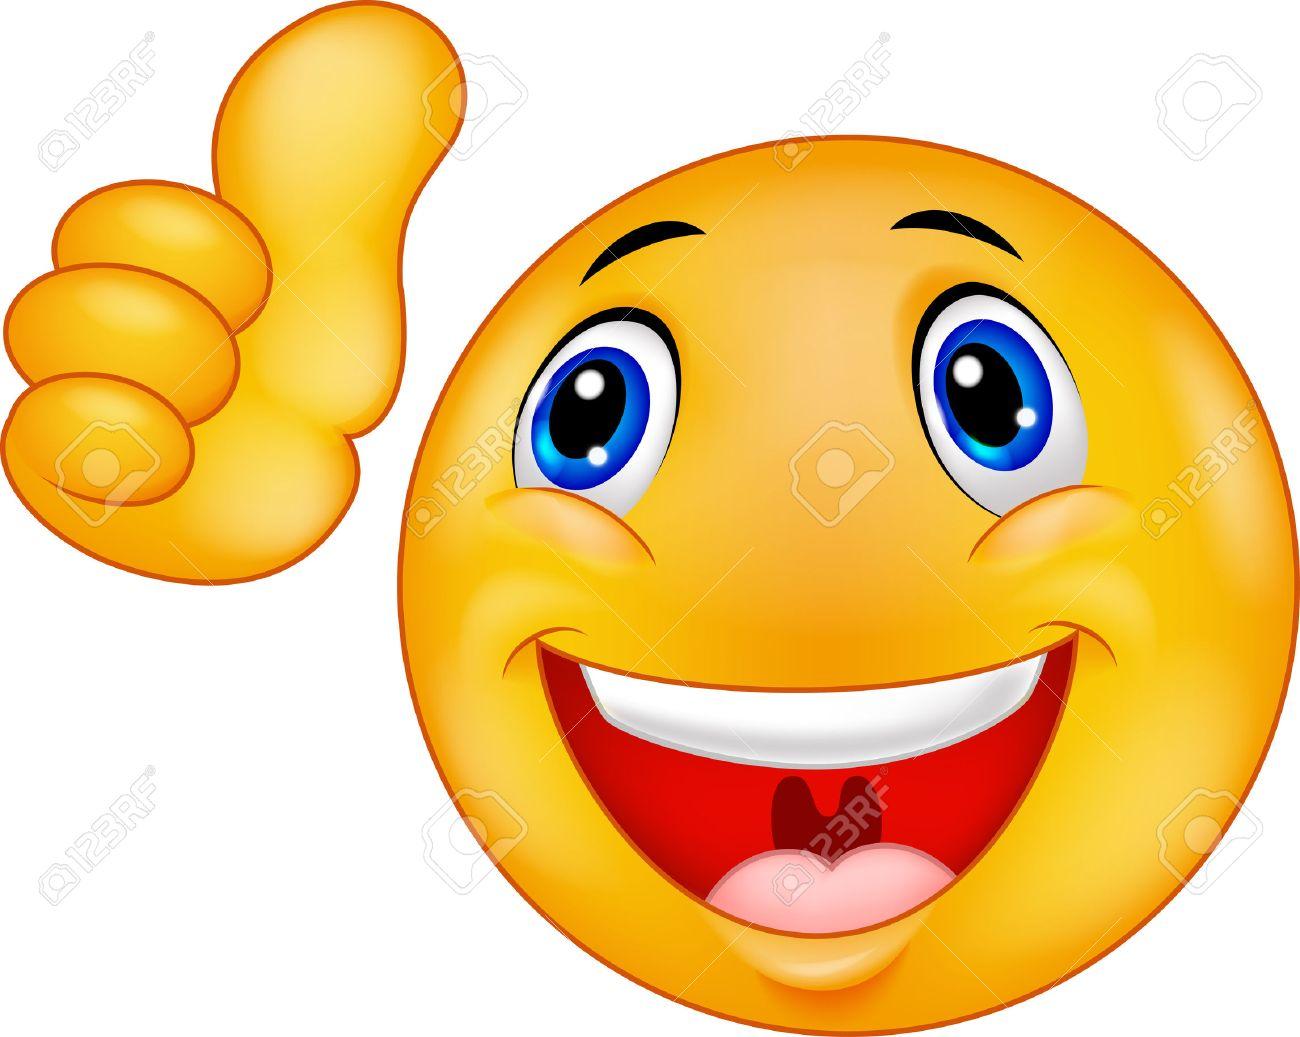 hight resolution of happy smiley emoticon face cartoon